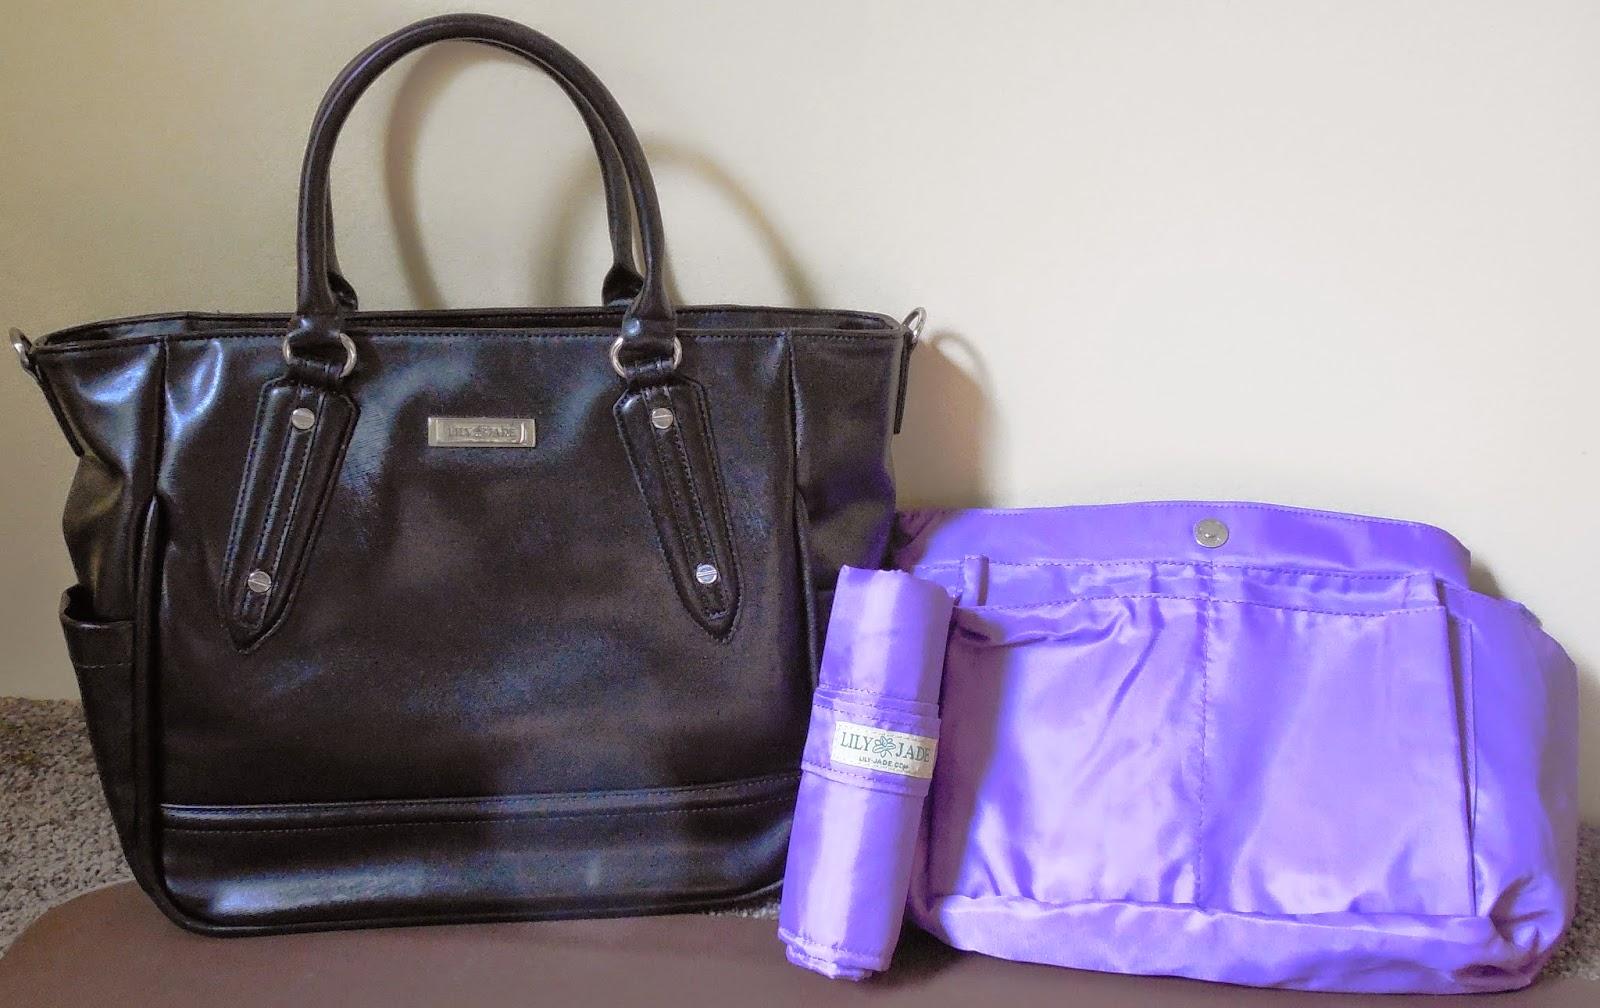 Lily Jade Diaper Bag Anna